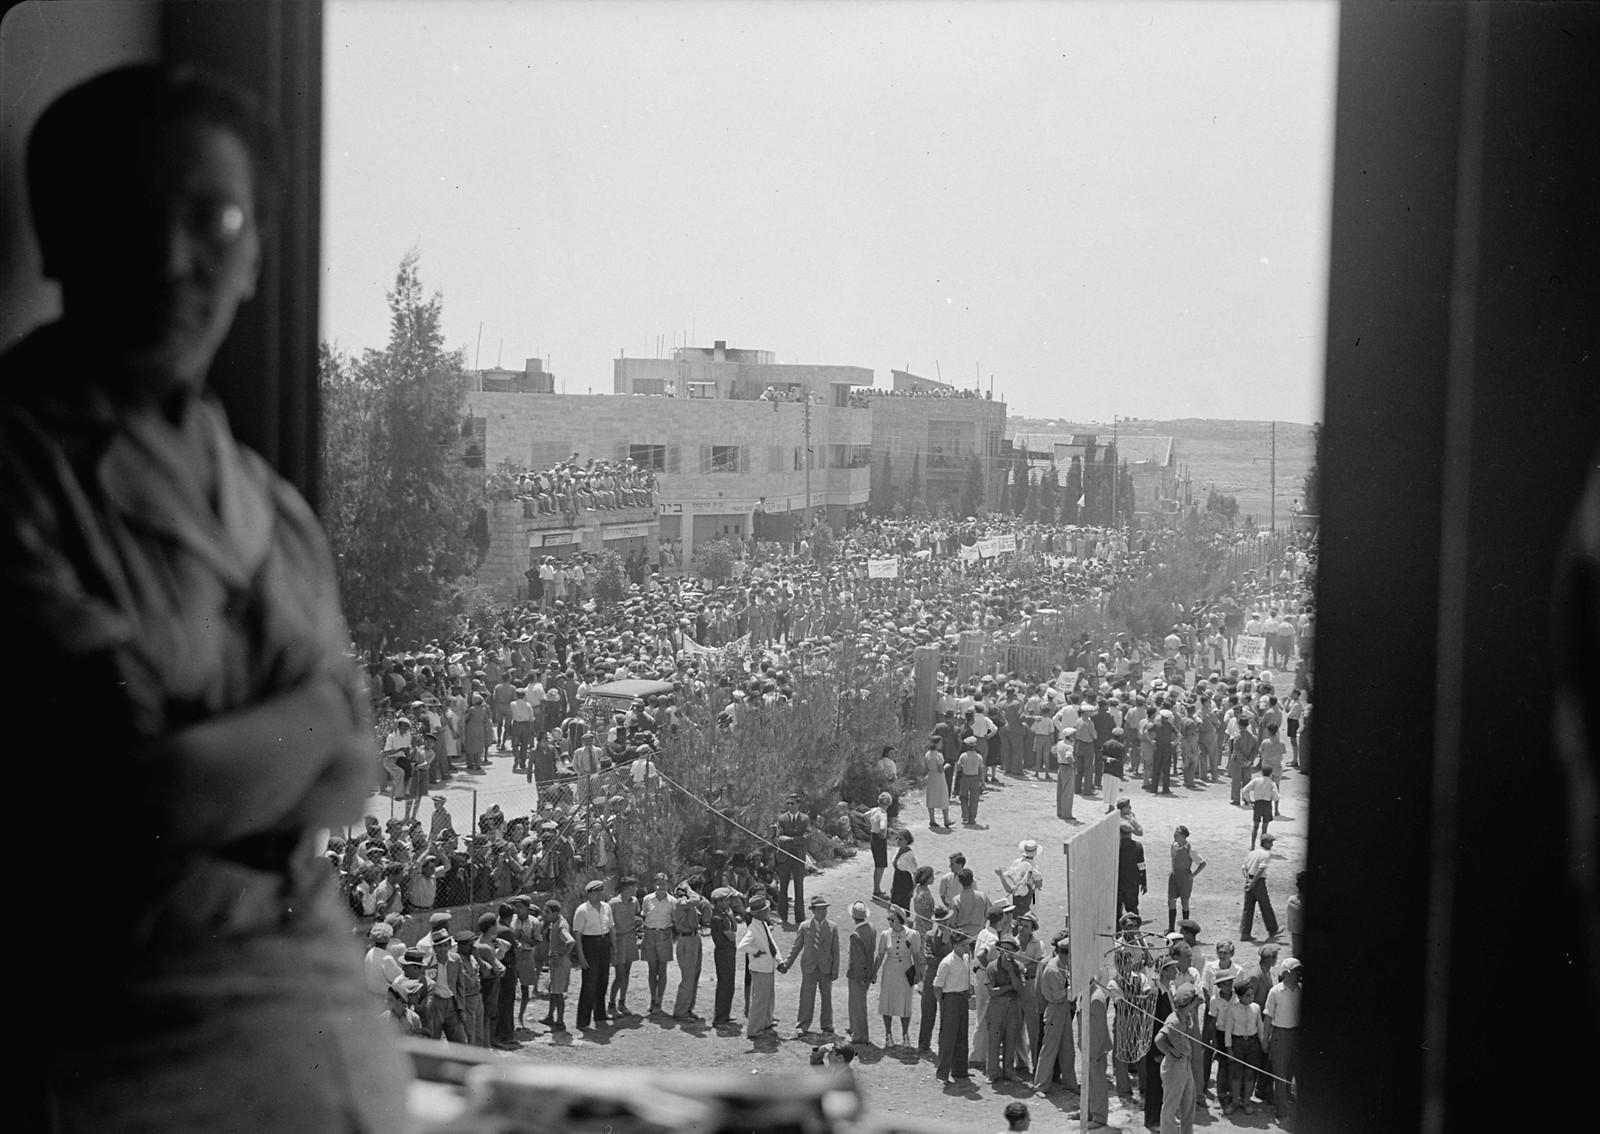 09. Массовая демонстрация на улице Кинг Джордж